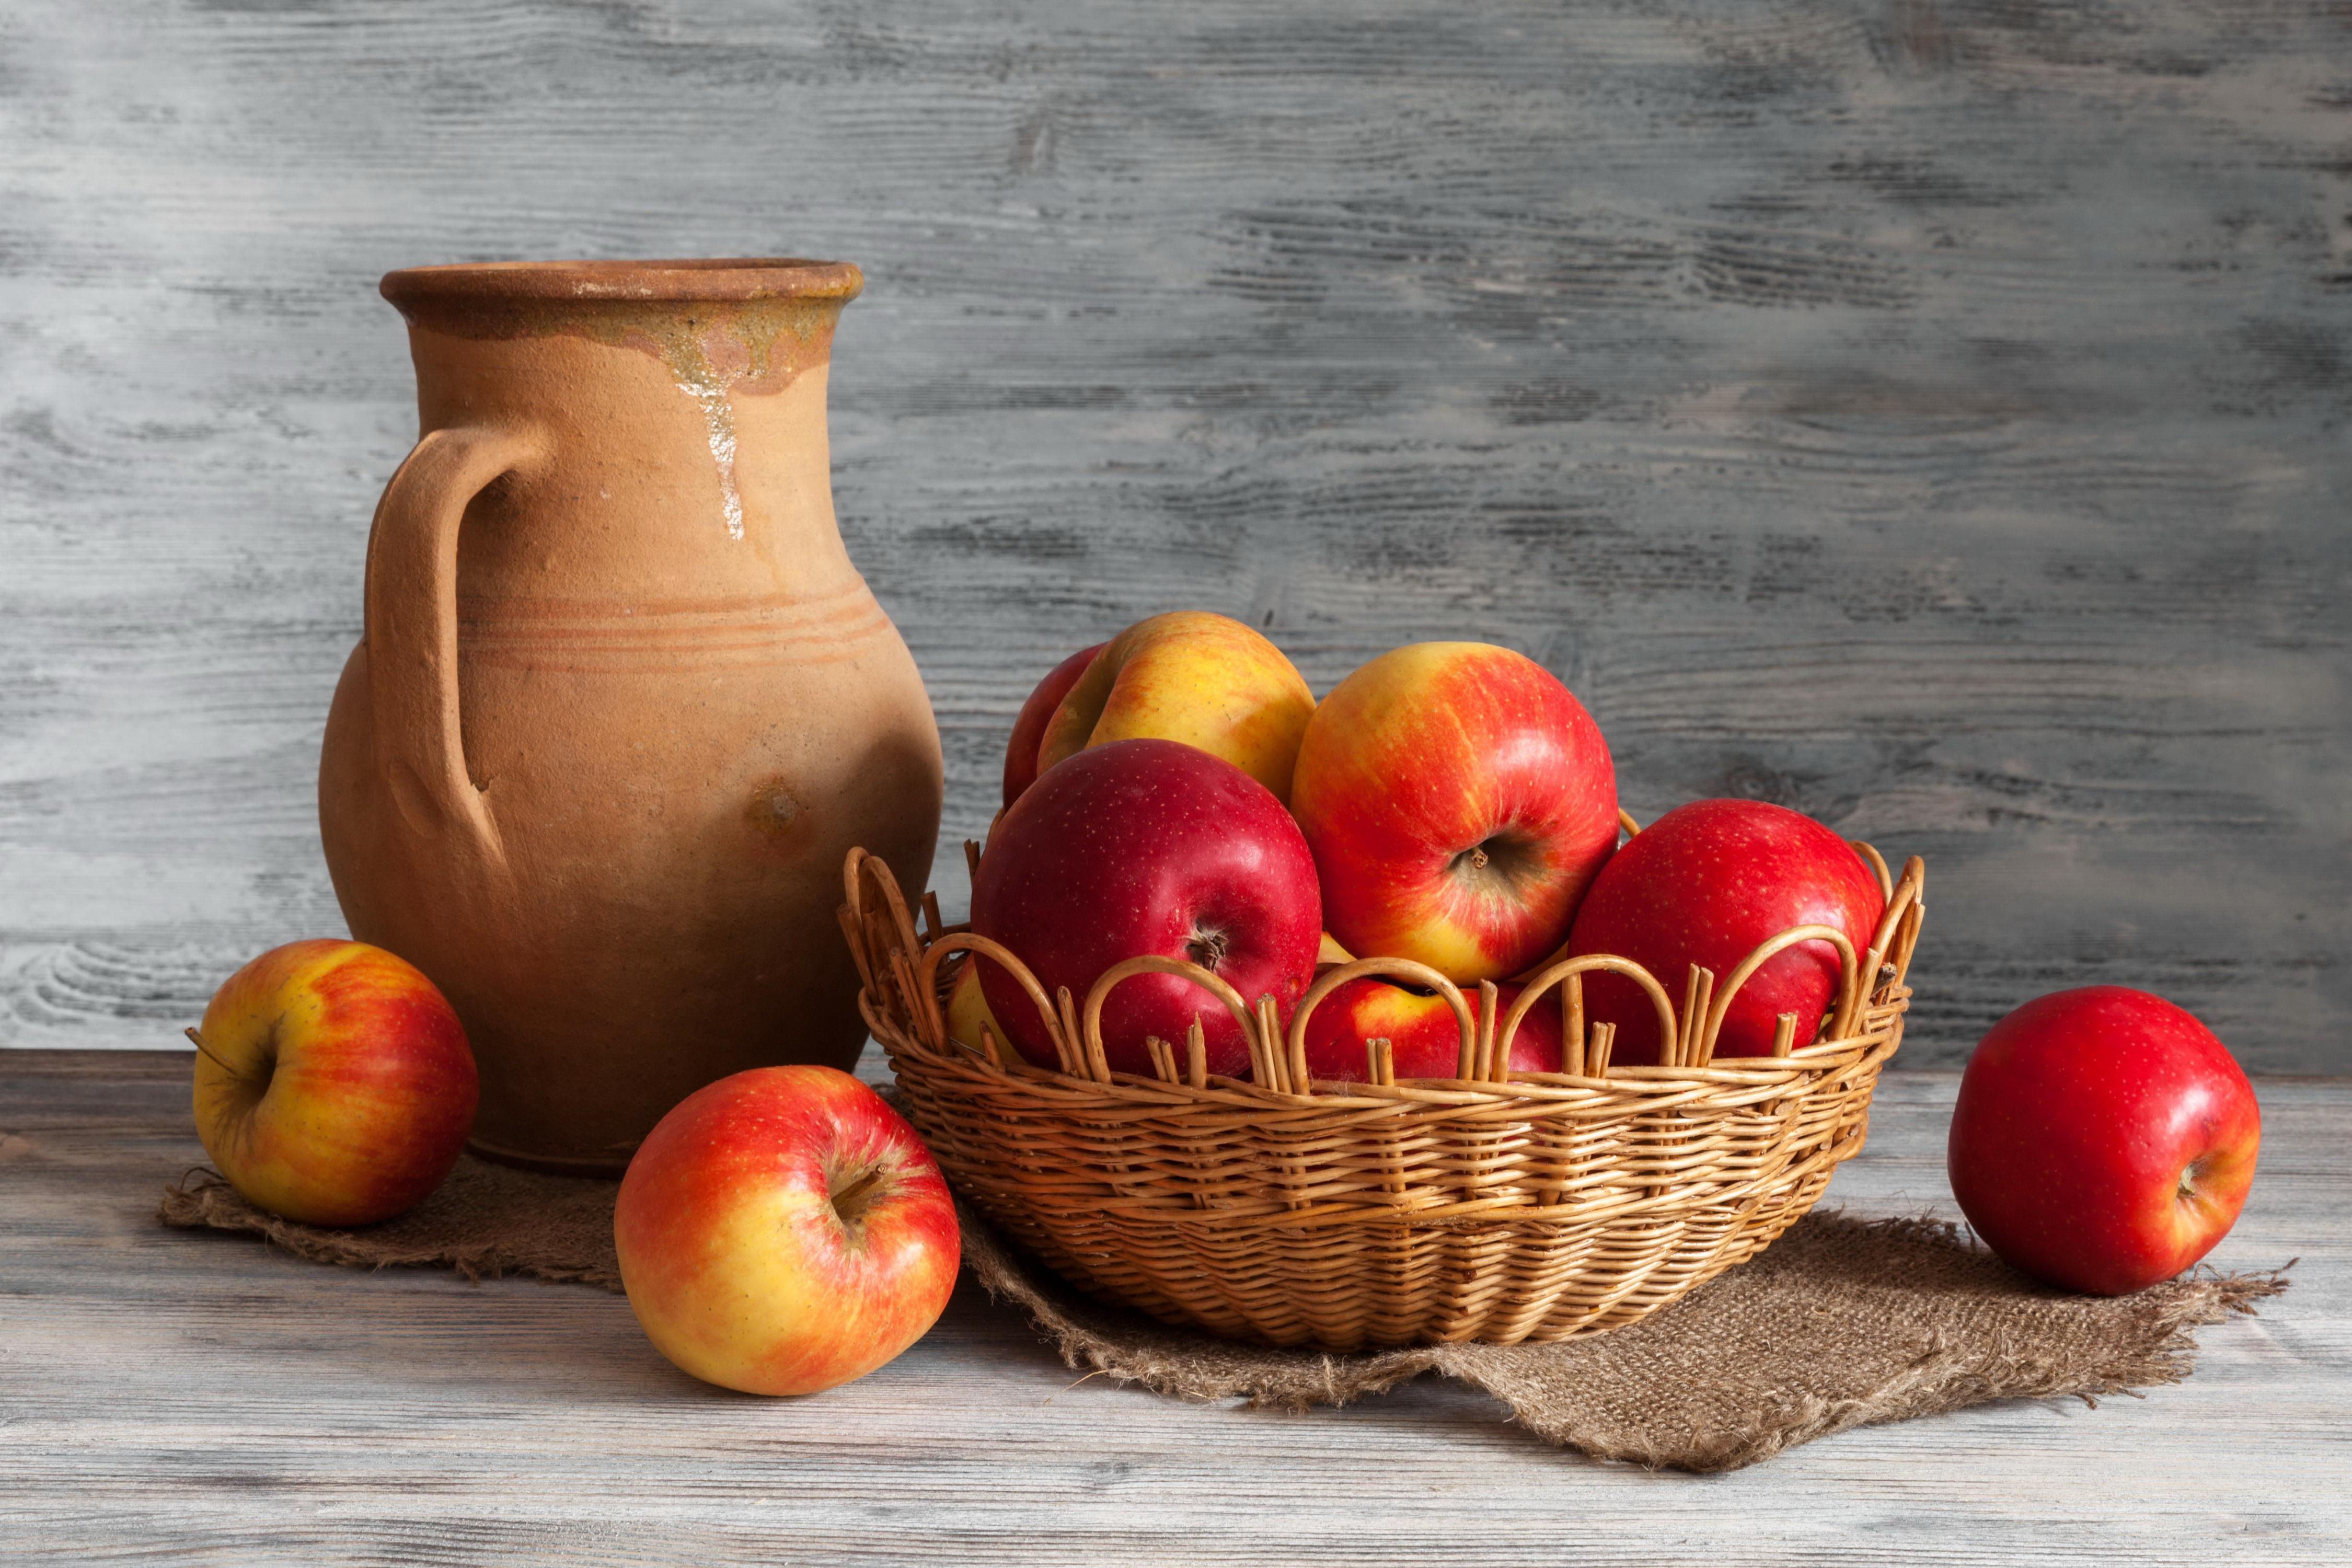 натюрморт с яблоками фото сын никогда